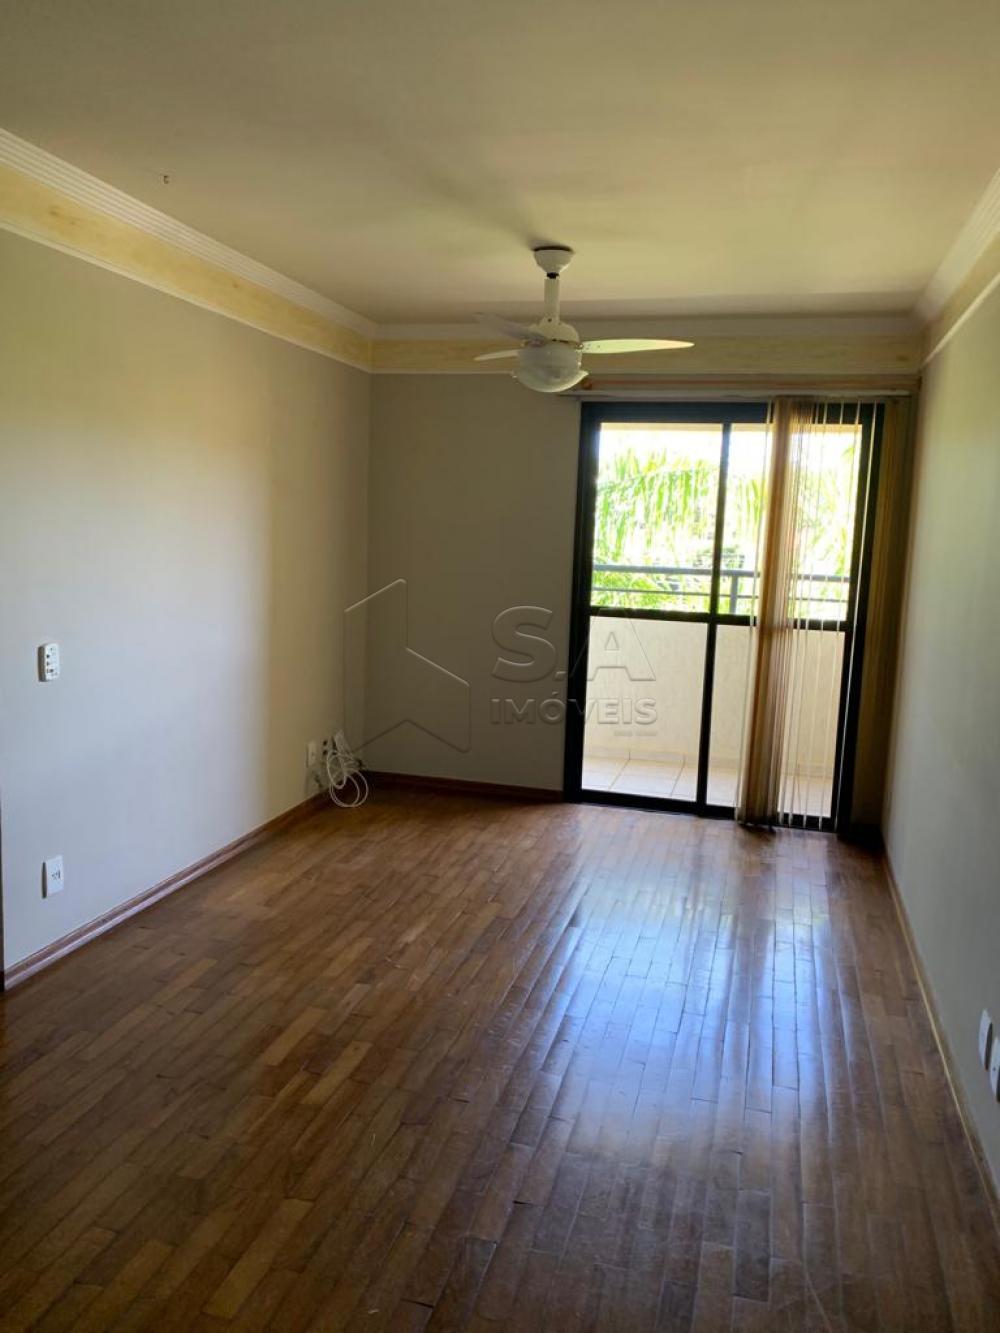 Comprar Apartamento / Padrão em São Carlos apenas R$ 300.000,00 - Foto 5